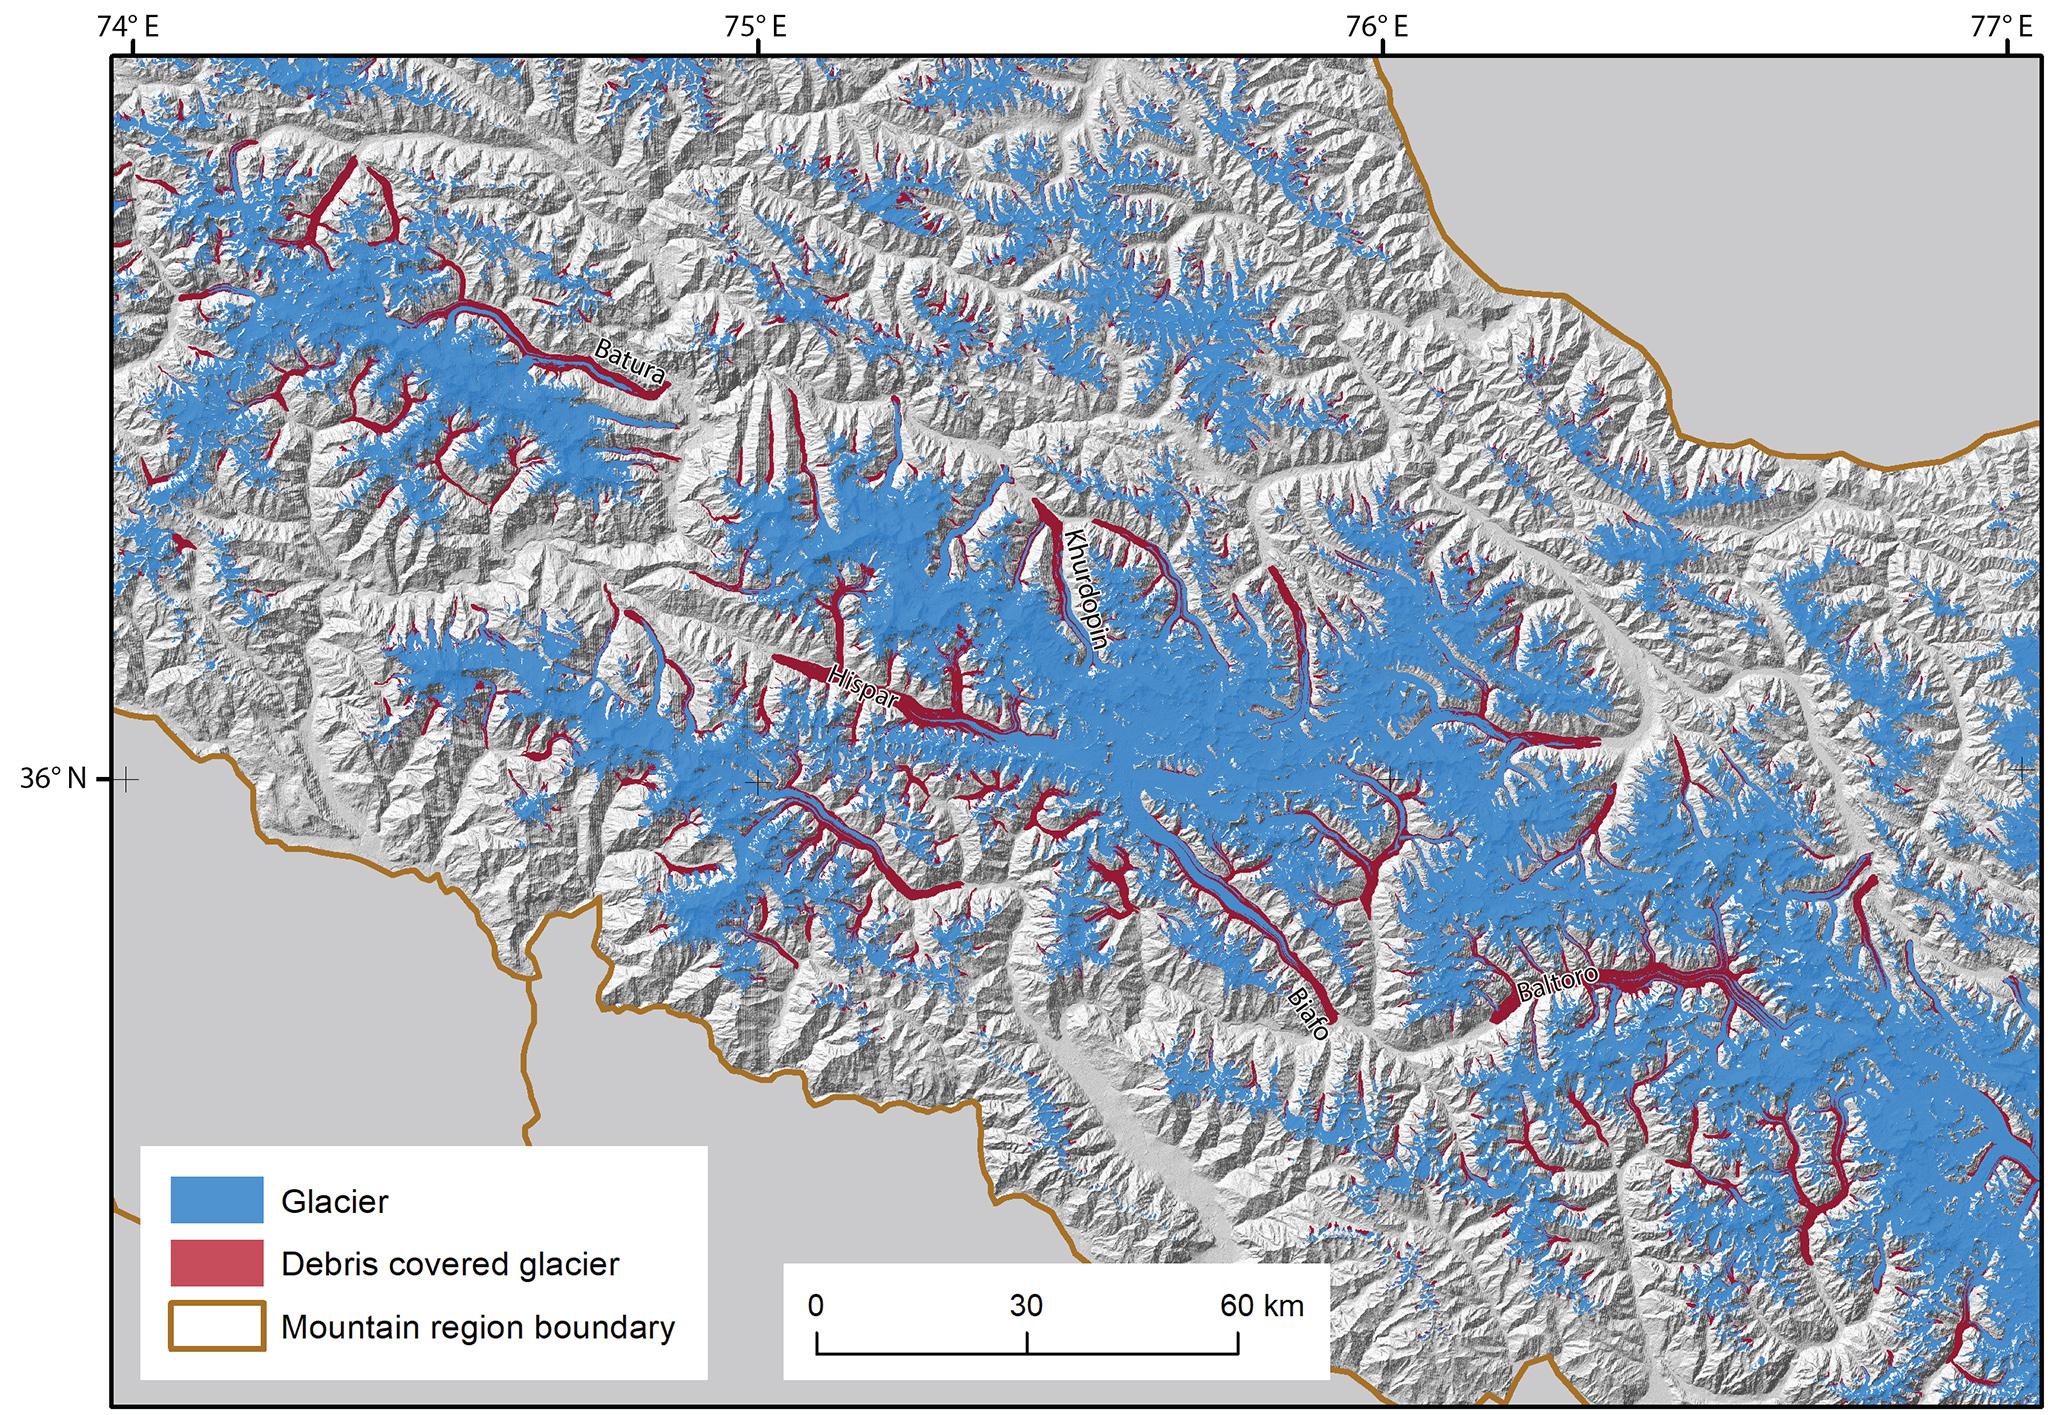 ESSD - A consistent glacier inventory for Karakoram and